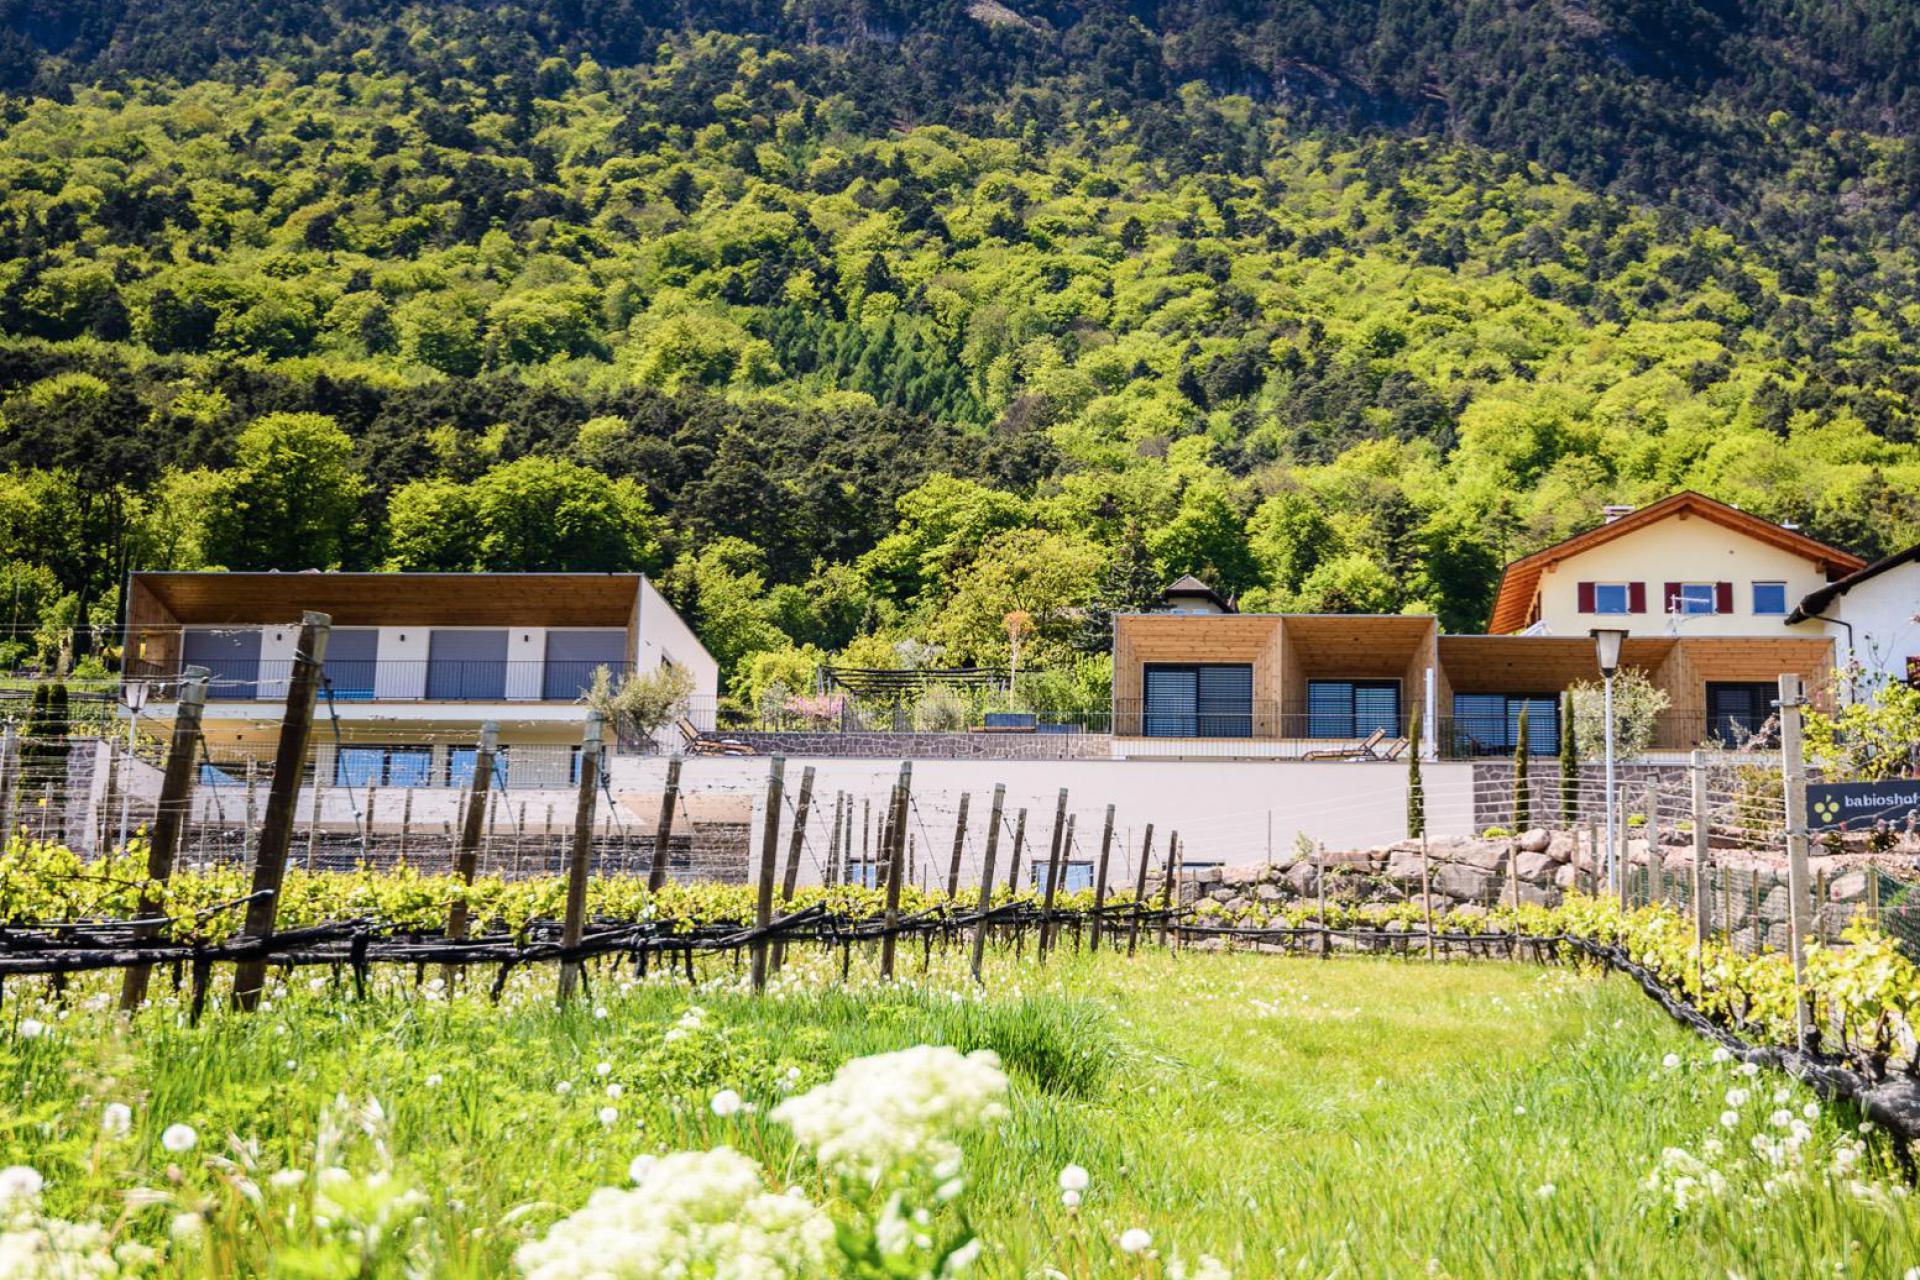 Agriturismo Dolomieten Knusse agriturismo tussen de appelbomen en wijngaarden